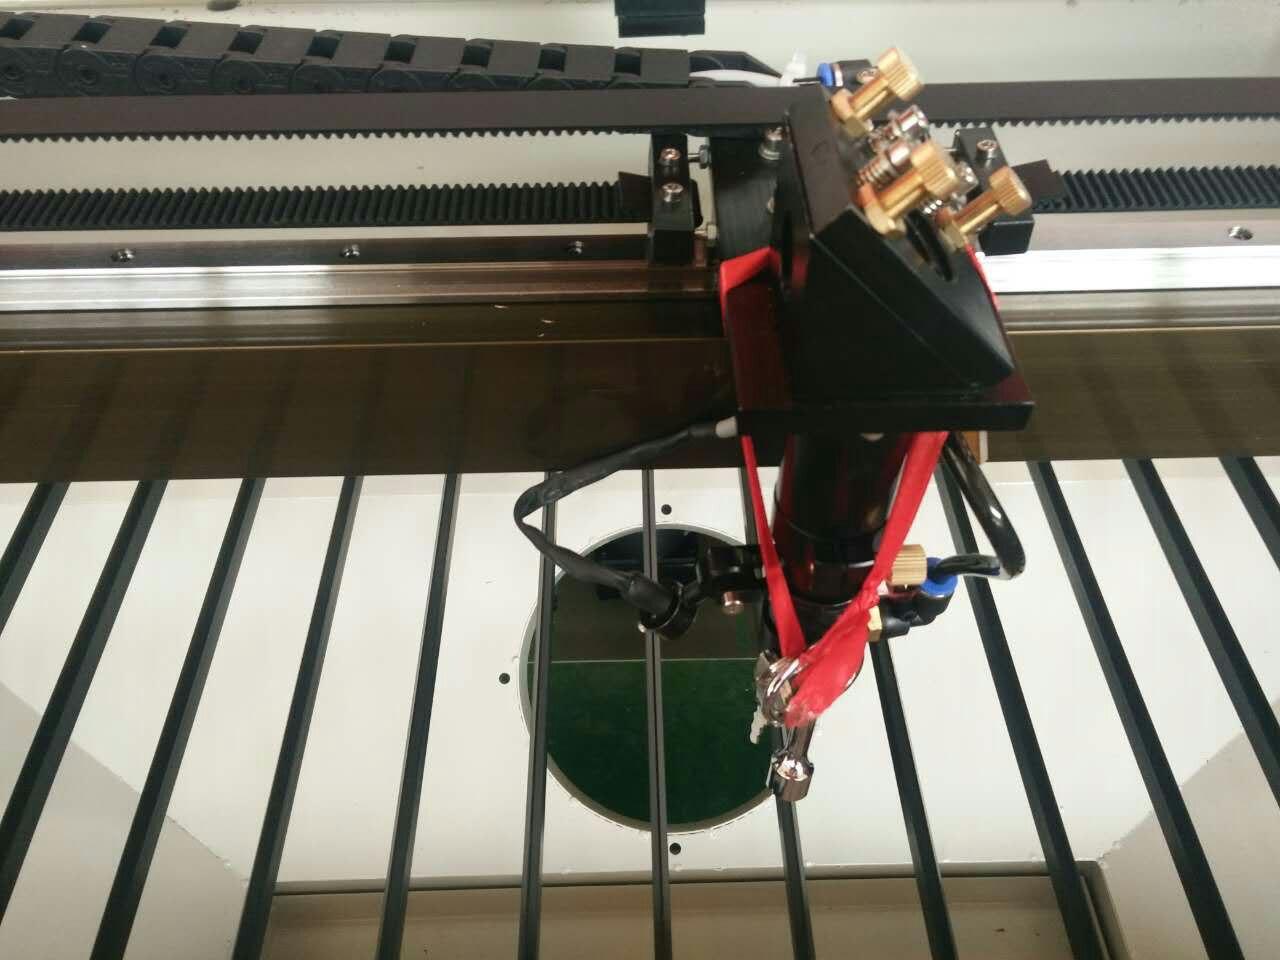 OYjienQre3o - Все о лазерно-гравировальных станках с ЧПУ